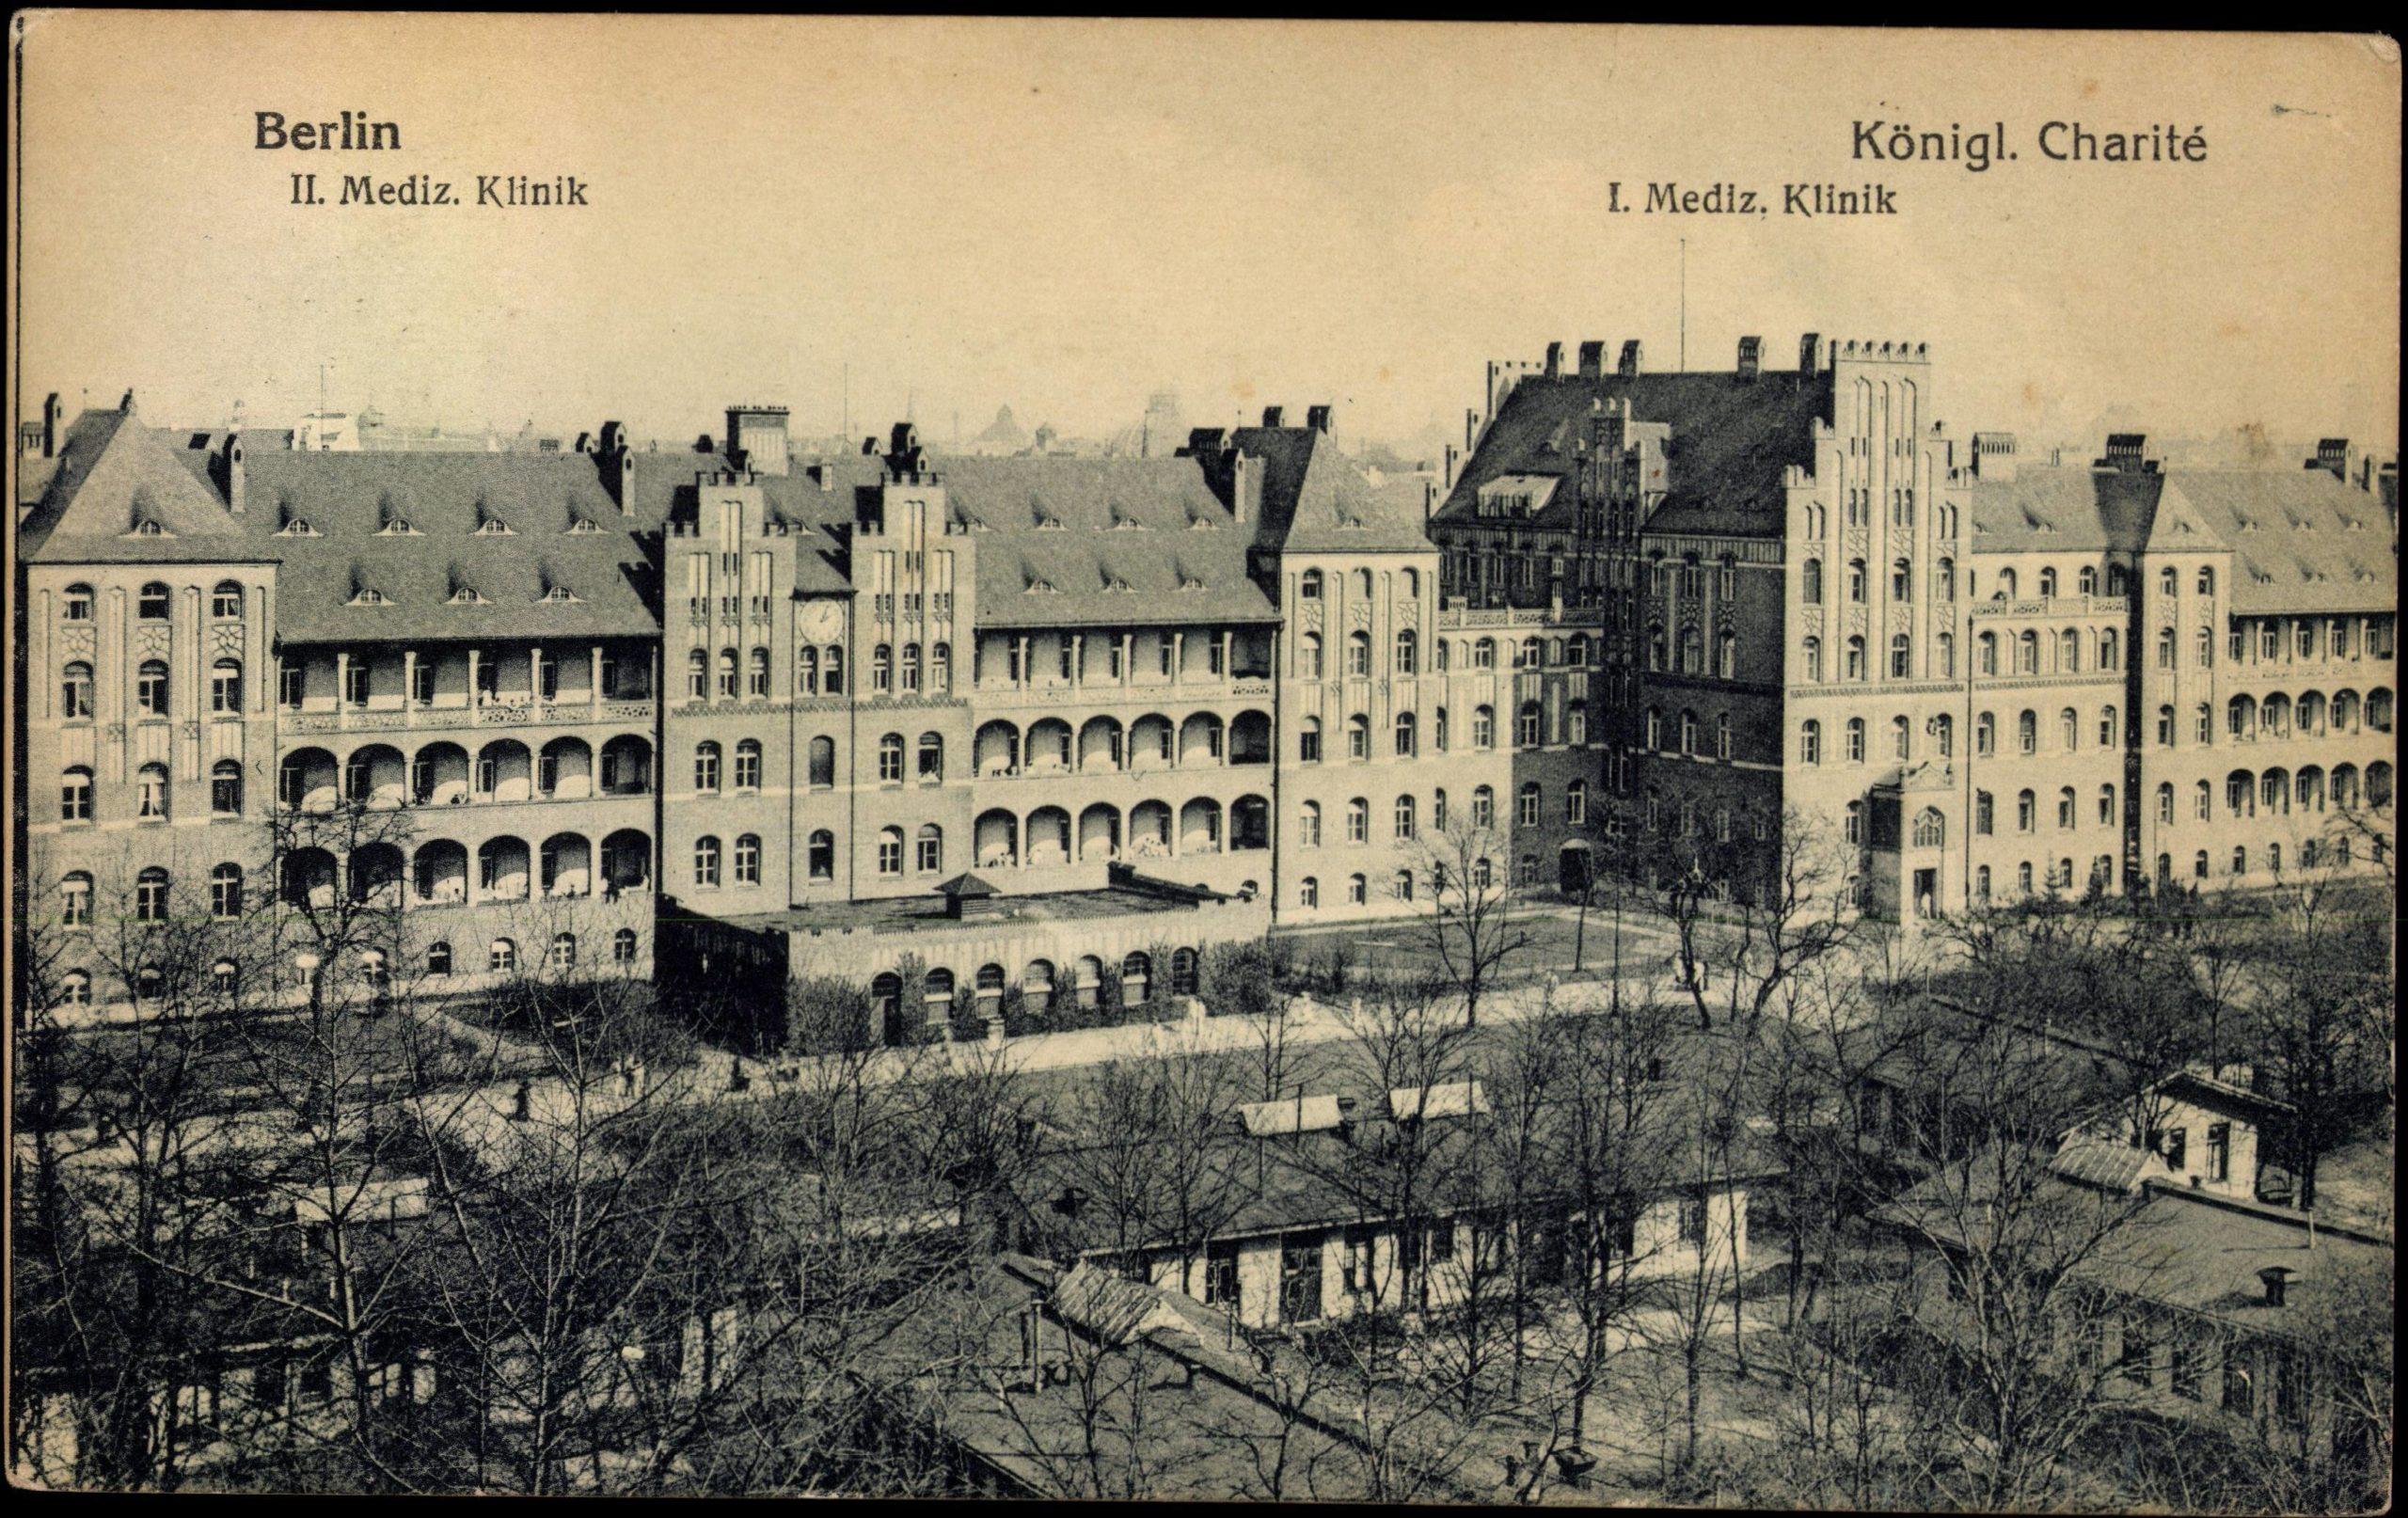 Die Charité-Klinik im Jahr 1928. Foto: Imago/Arkivi